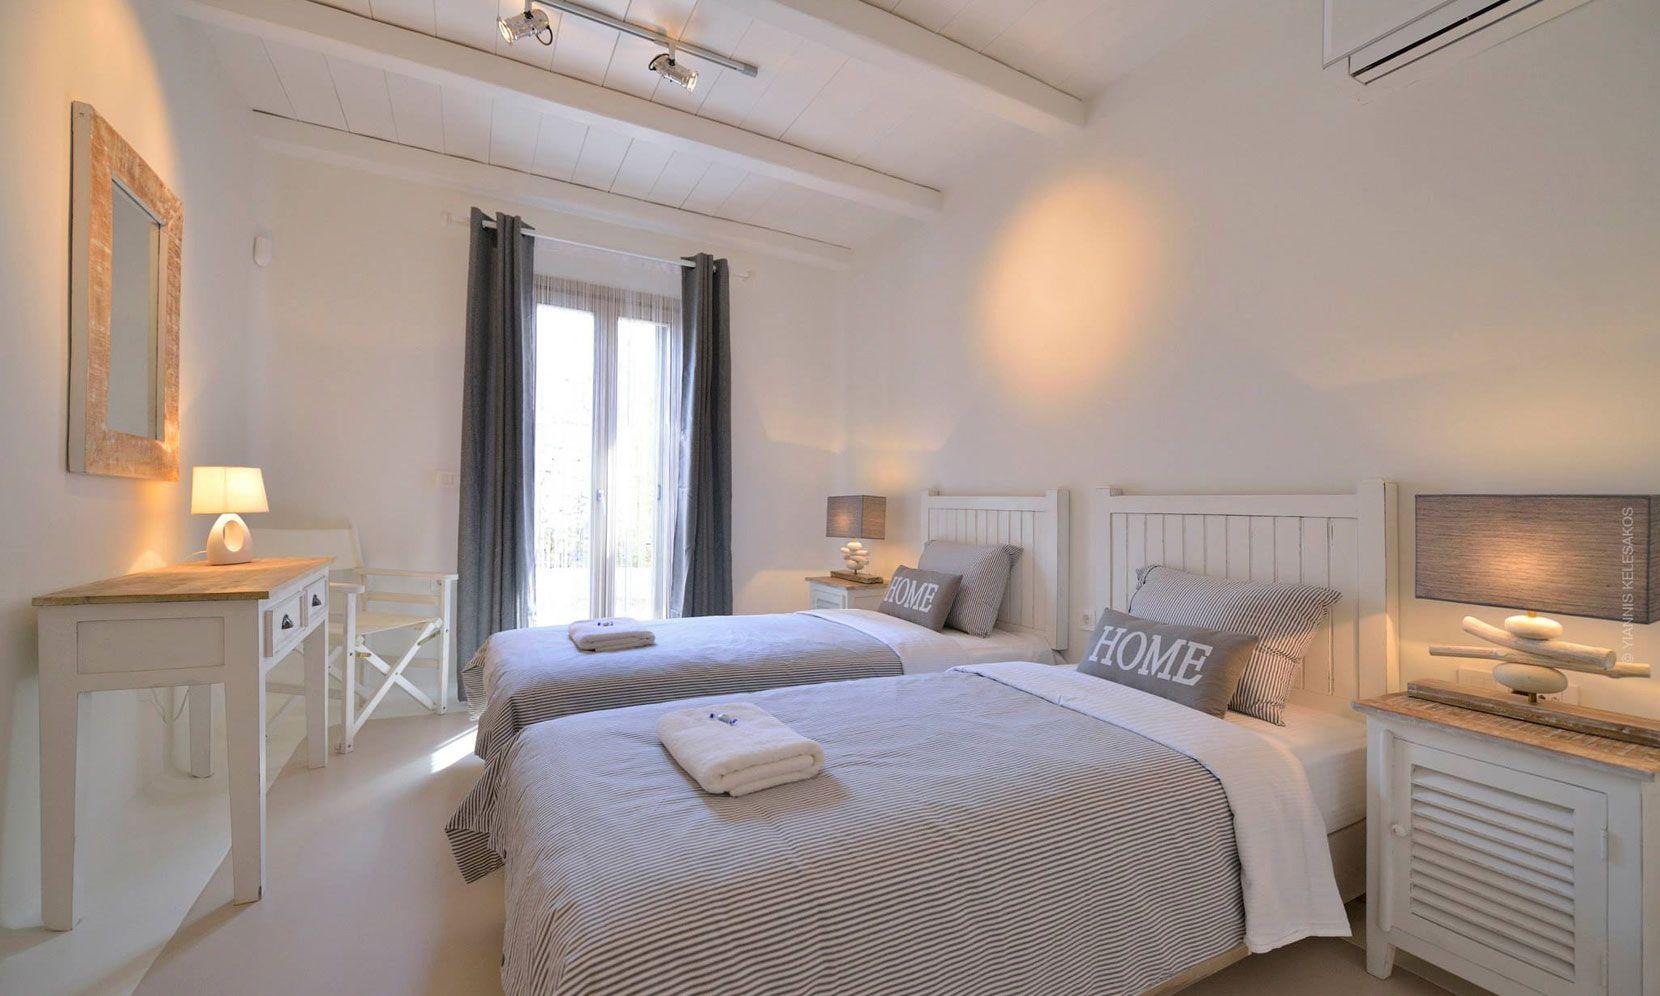 villa lucio mykonos bedroom